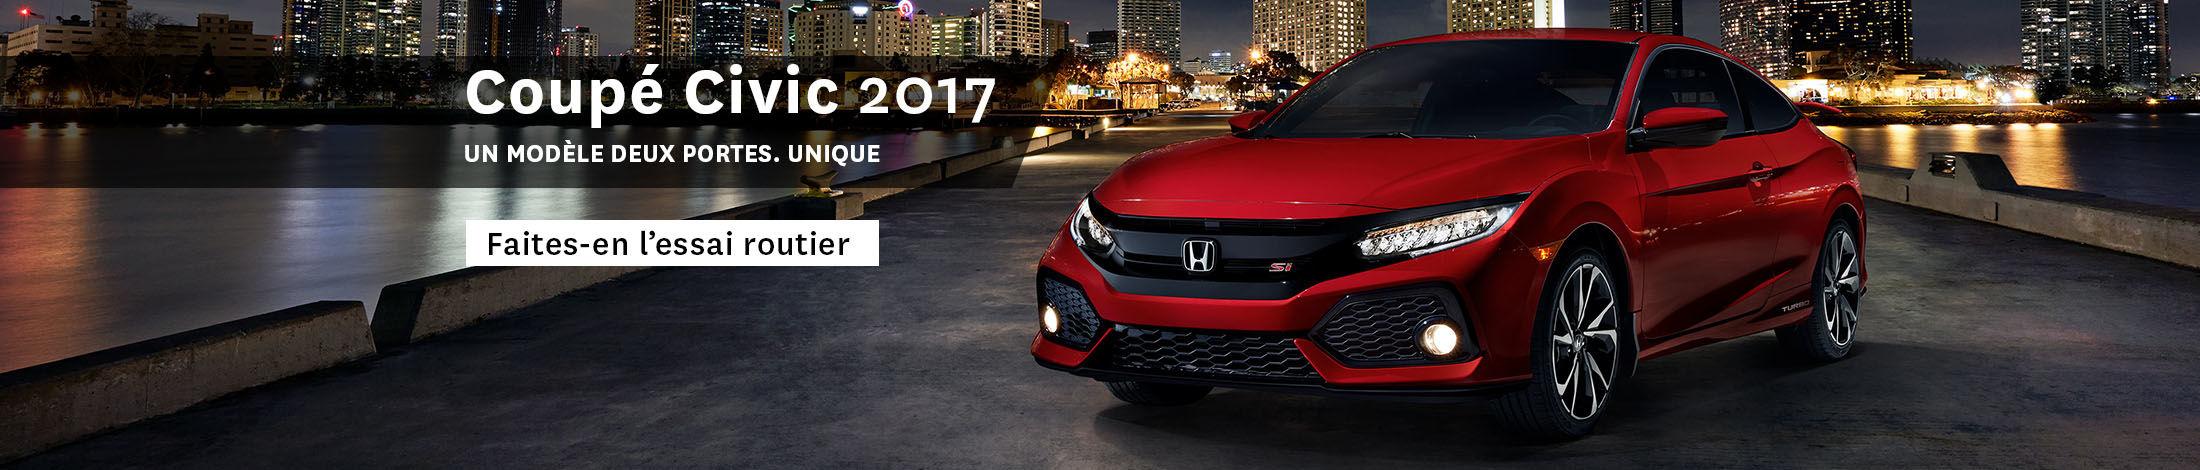 Civic coupé 2017